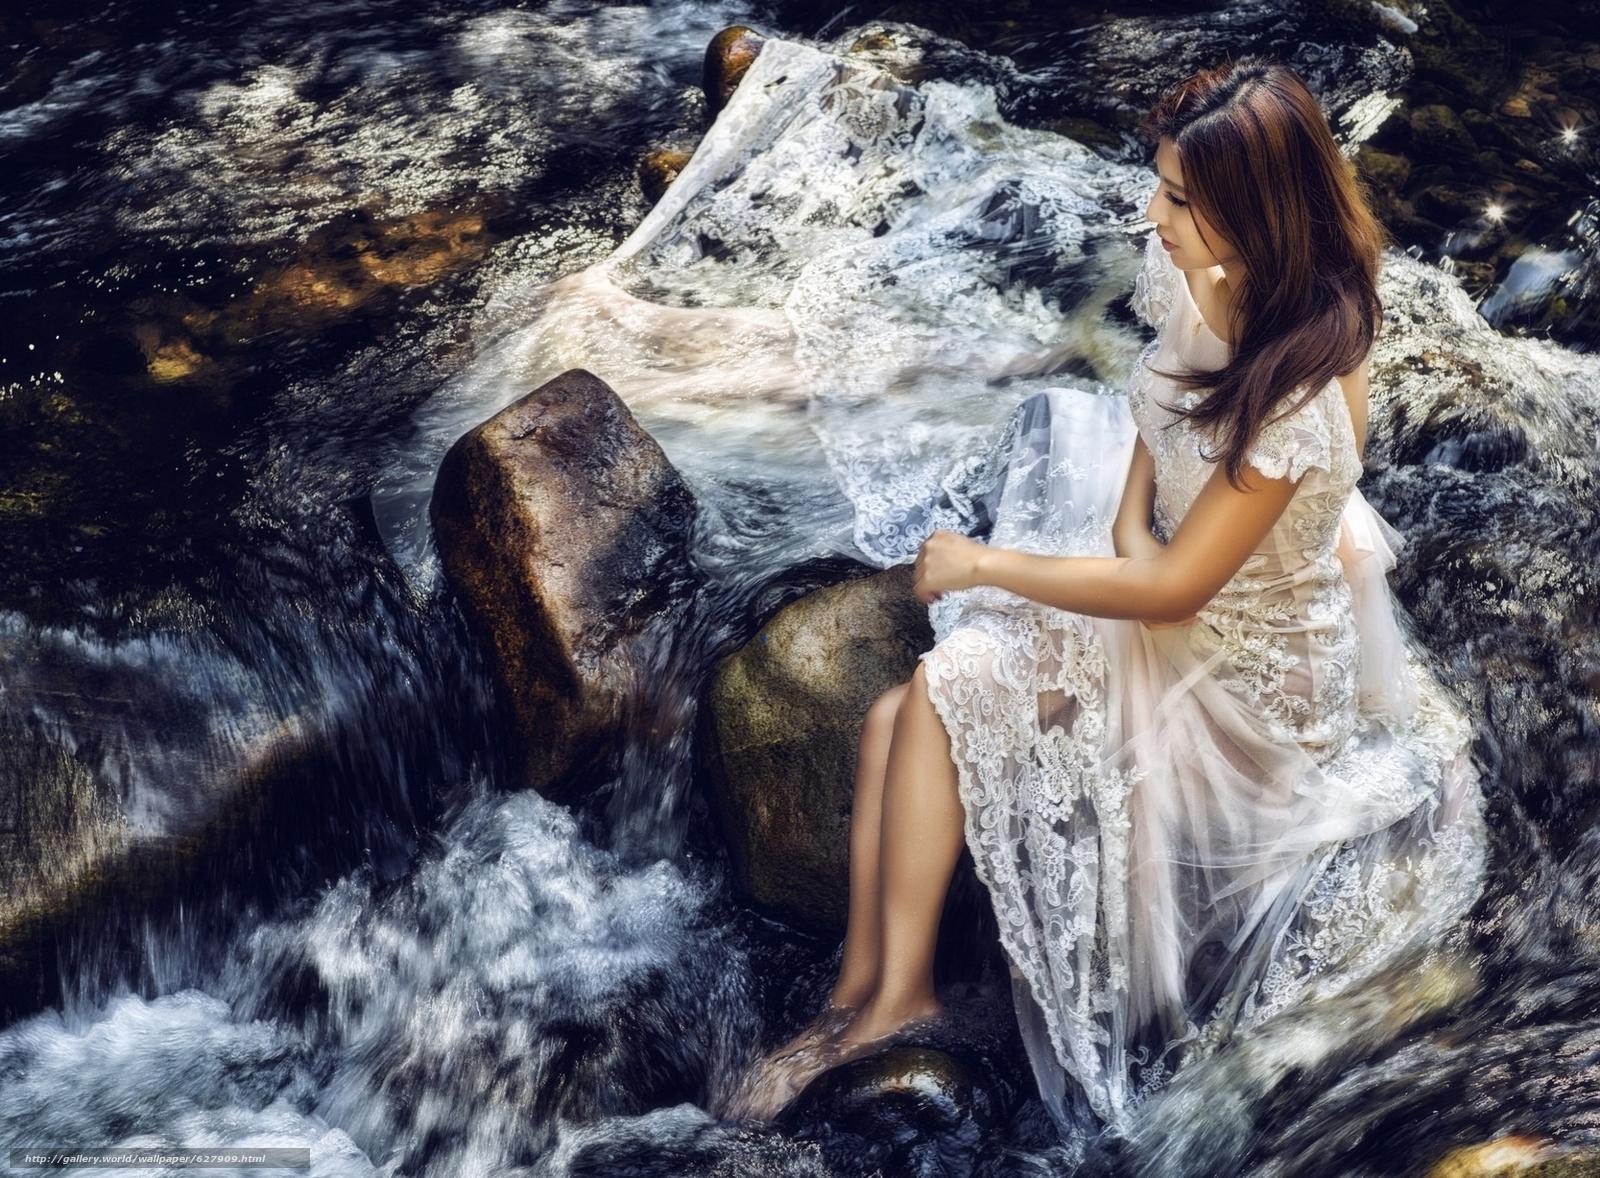 Скачать на телефон обои фото картинку на тему азиатка, невеста, платье, настроение, река, камни, разширение 1920x1414